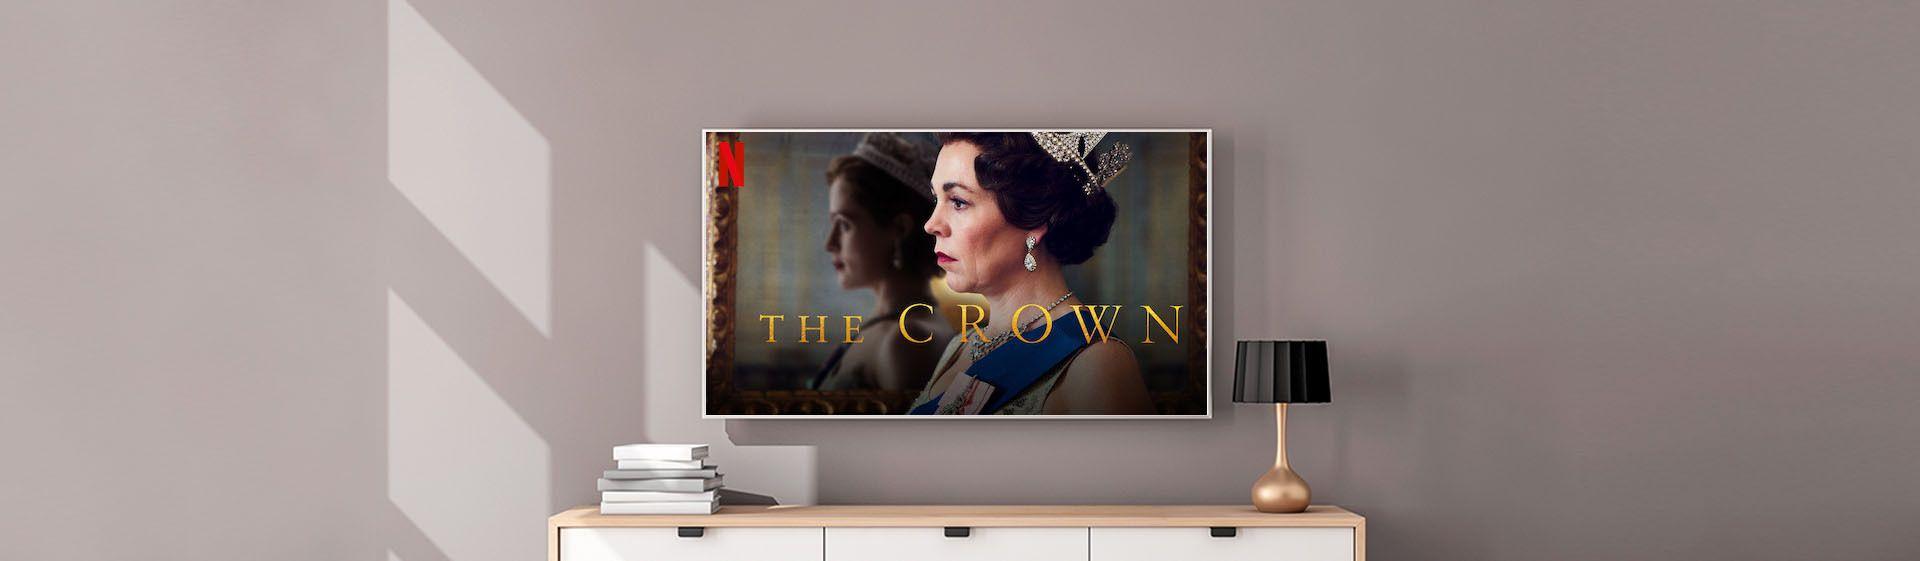 Como assistir séries e filmes Netflix na TV: passo a passo